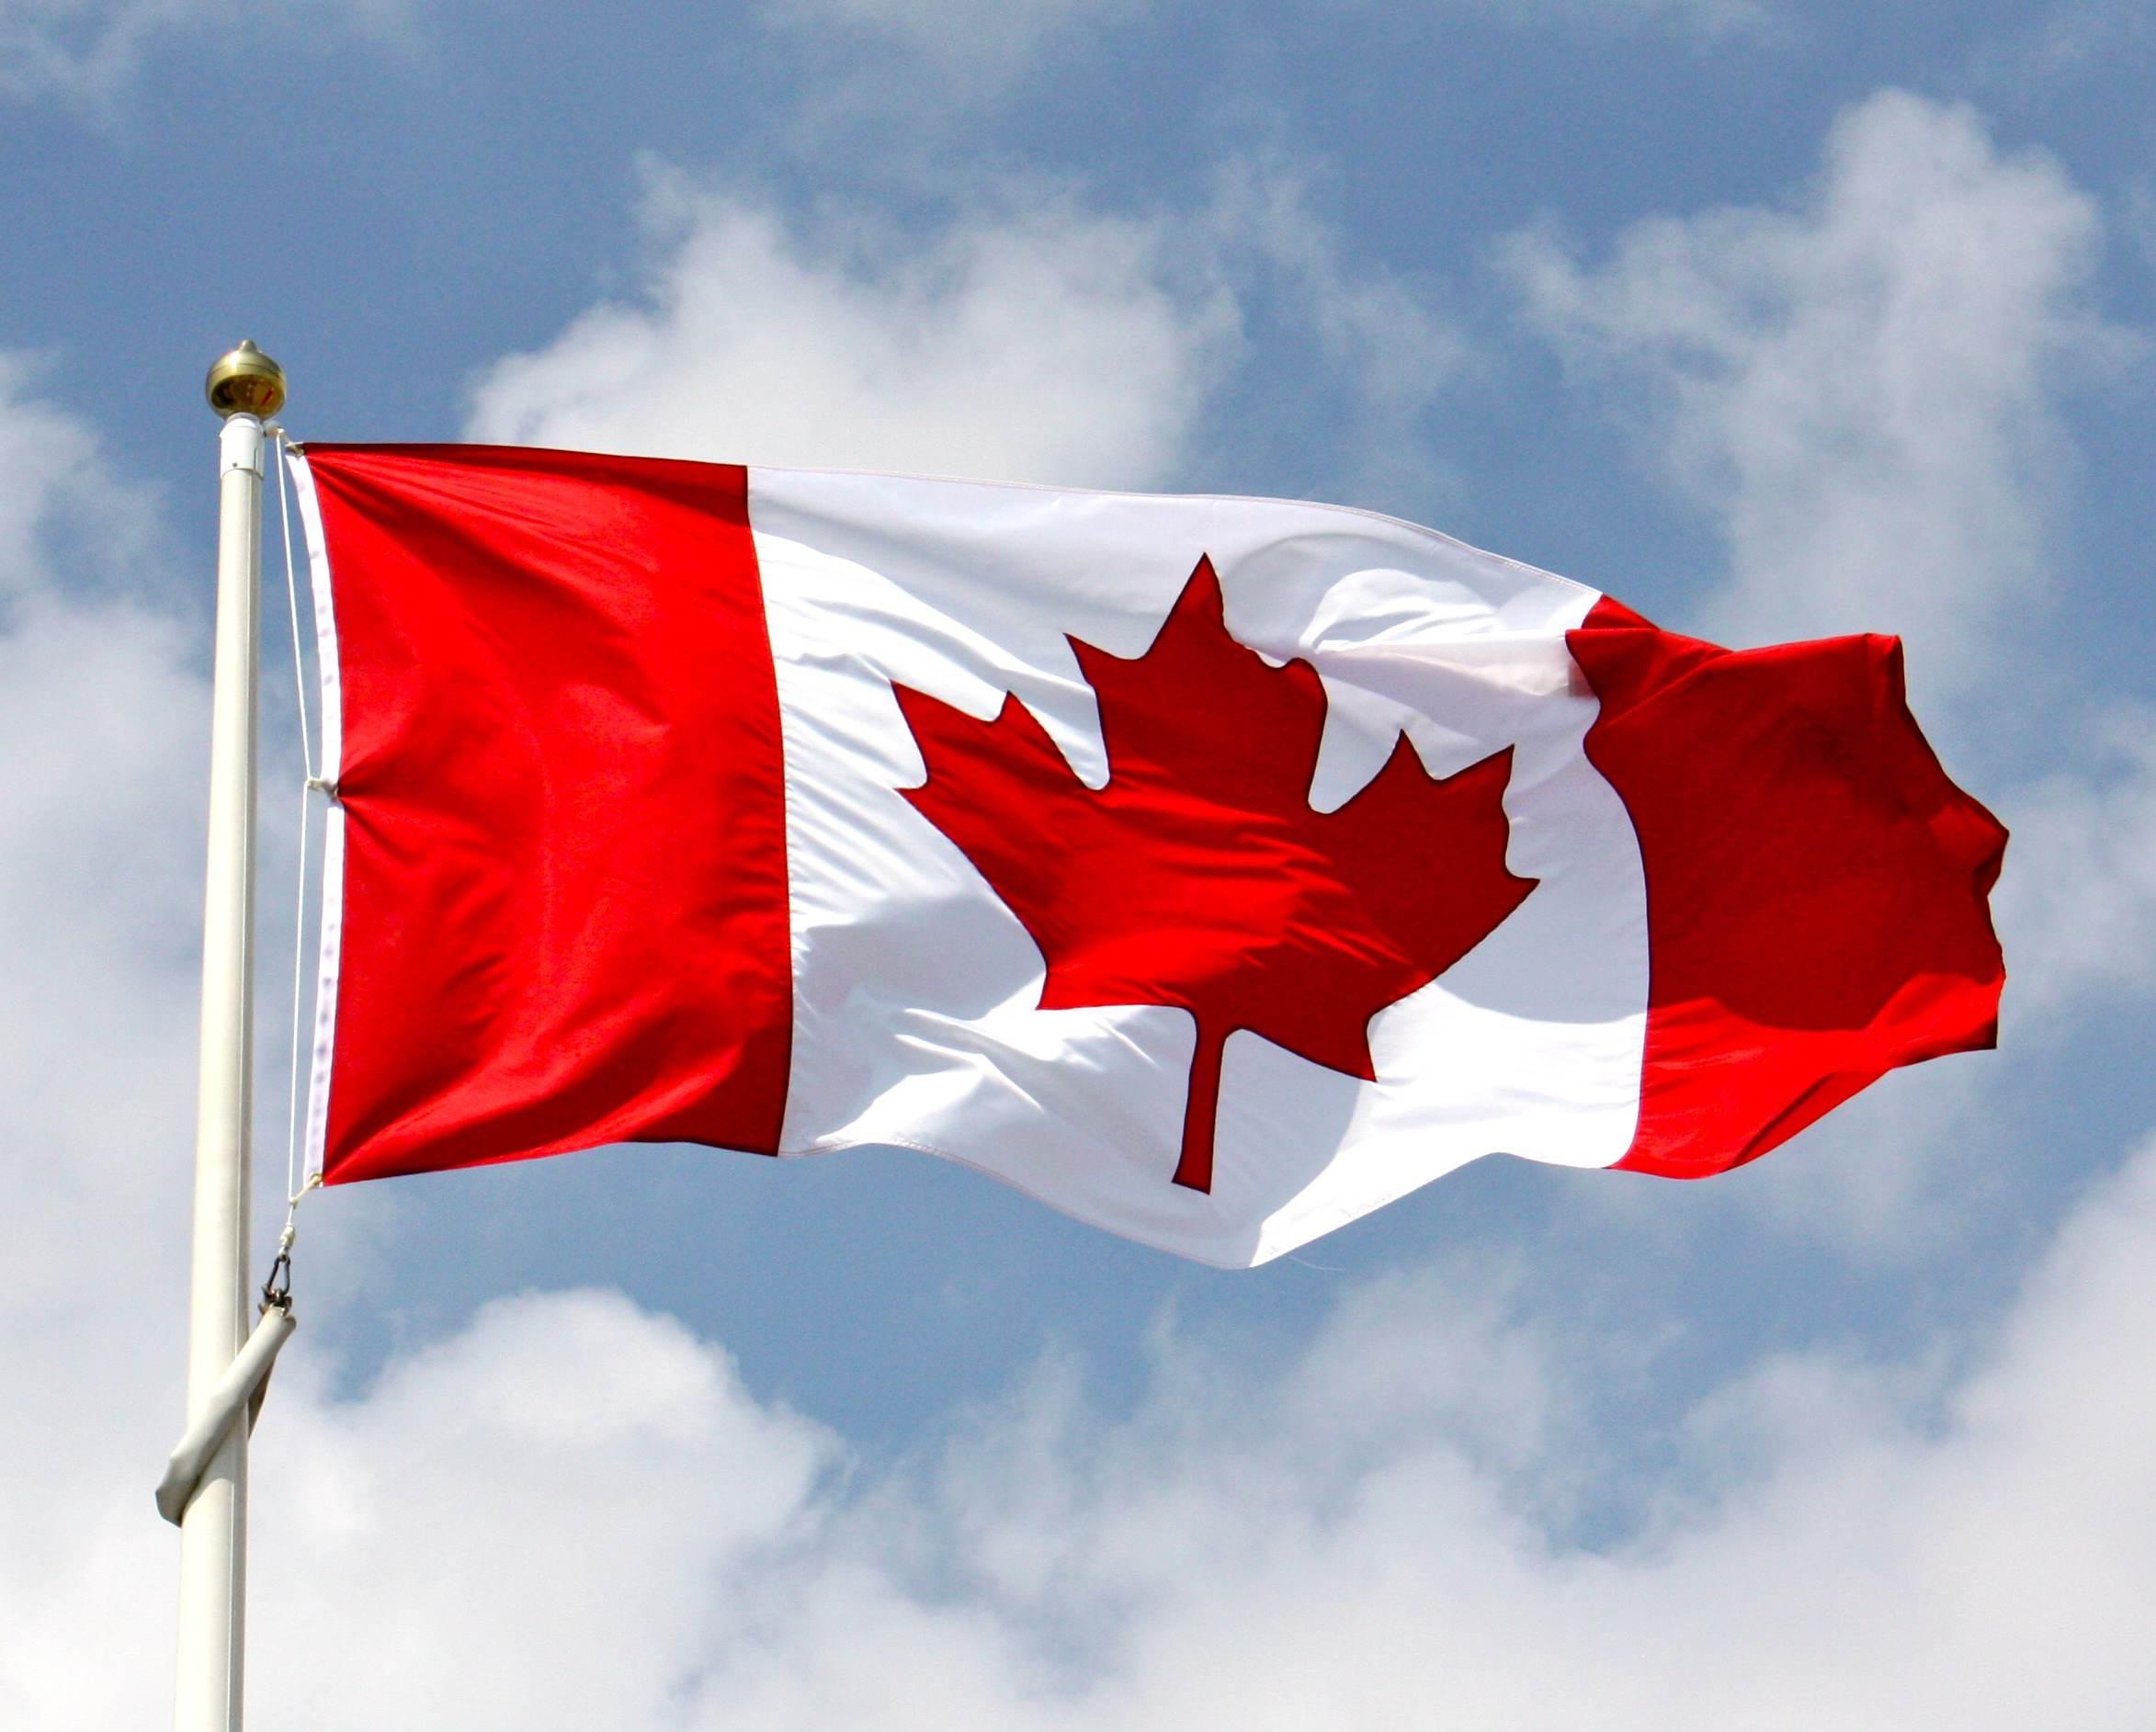 建国150周年のカナダ_d0112928_01541998.jpg